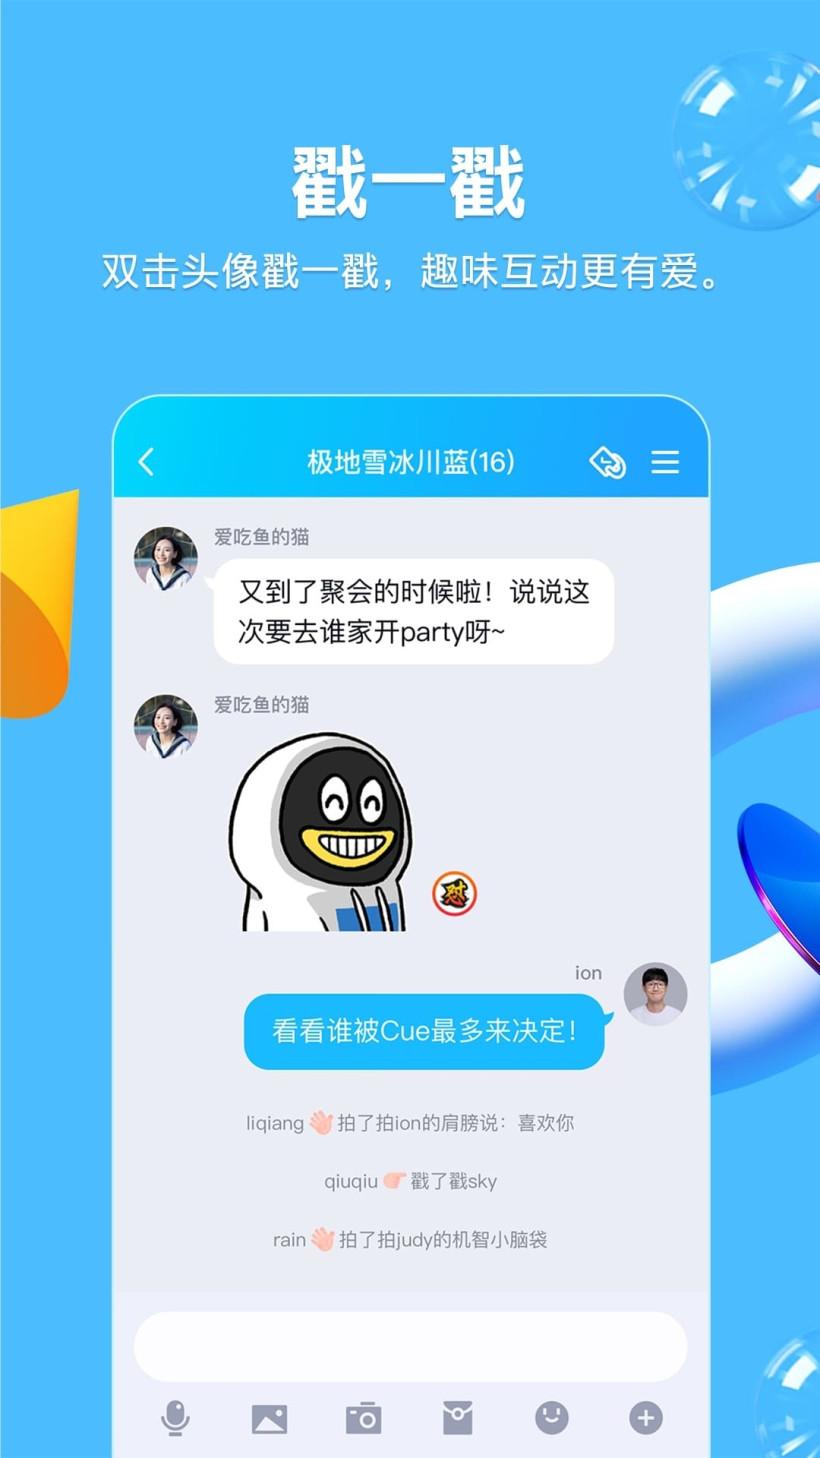 腾讯QQ安卓版8.4.8正式版更新:加入全新青少年模式 支持双击头像戳一戳